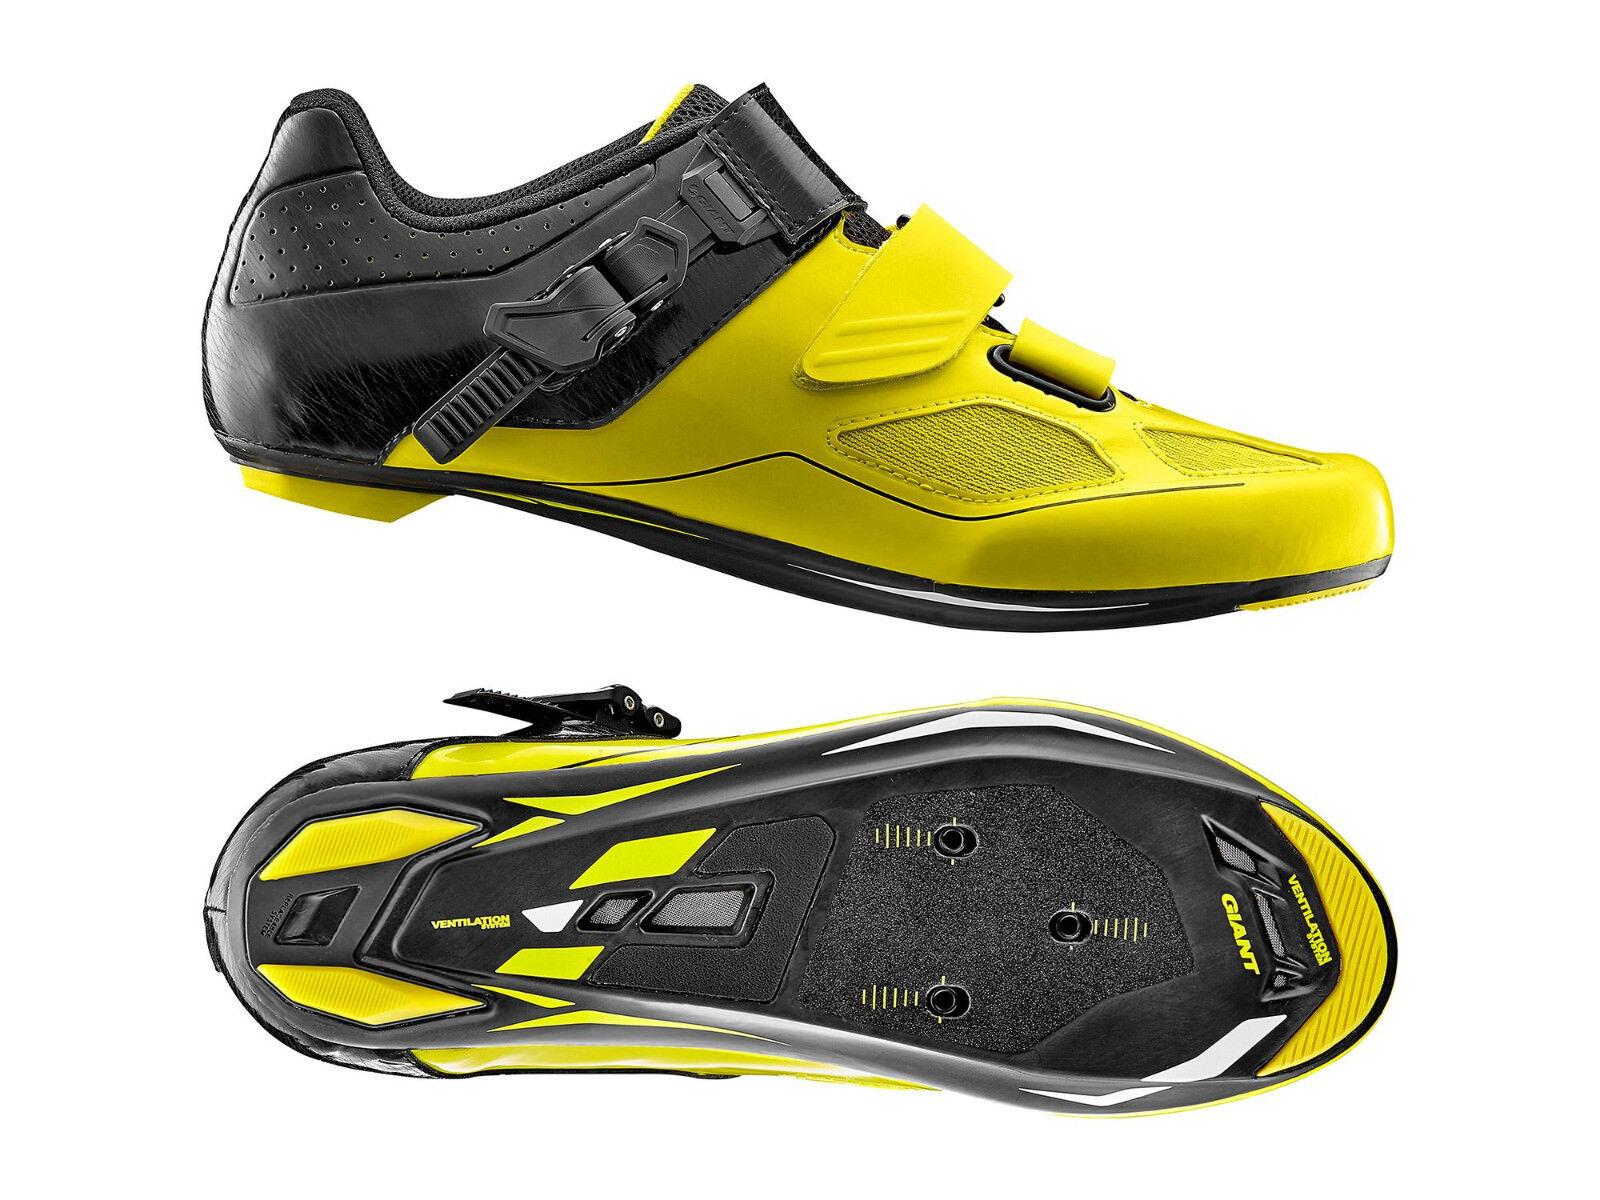 Schuhe Farbe Radsport GIANT PHASE Farbe Schuhe Schwarz-gelb Größe 45 1b491b